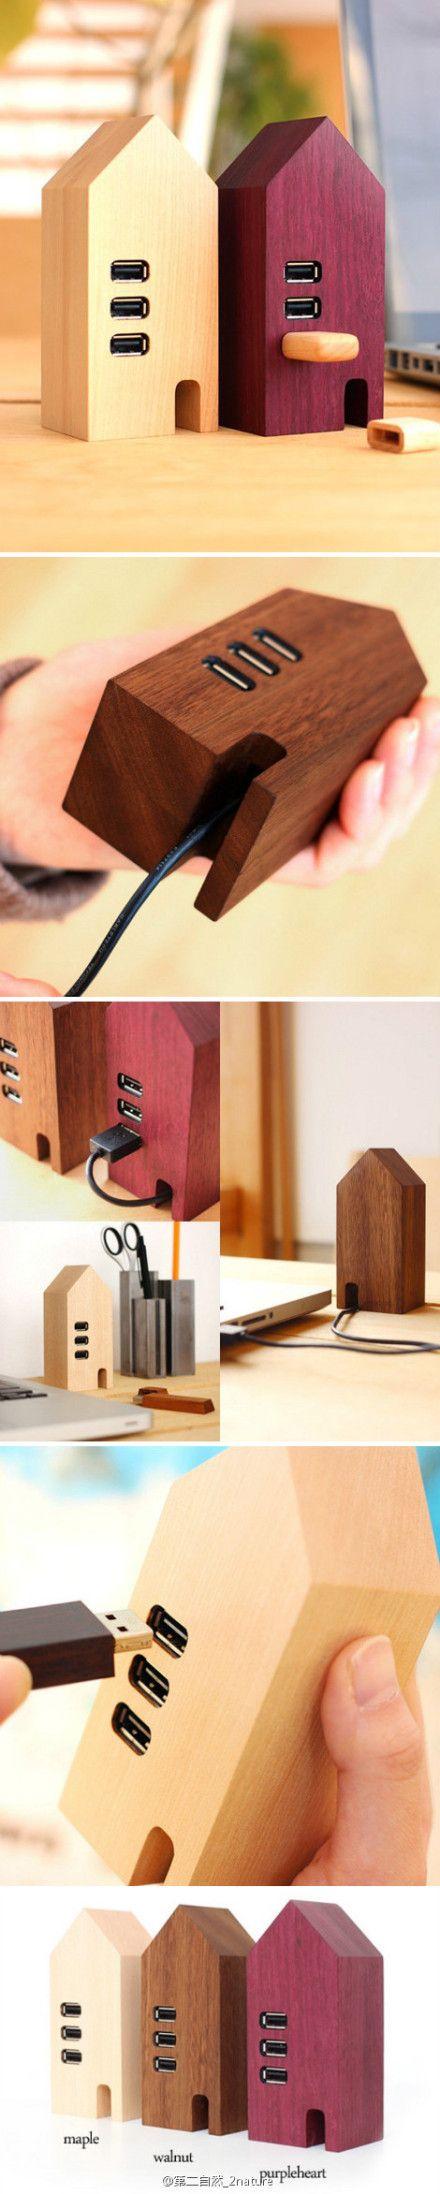 USB Hub House by Hacoa - smarte Idee für die Deko im Home Office - Dekoration fürs Arbeiten zuhause